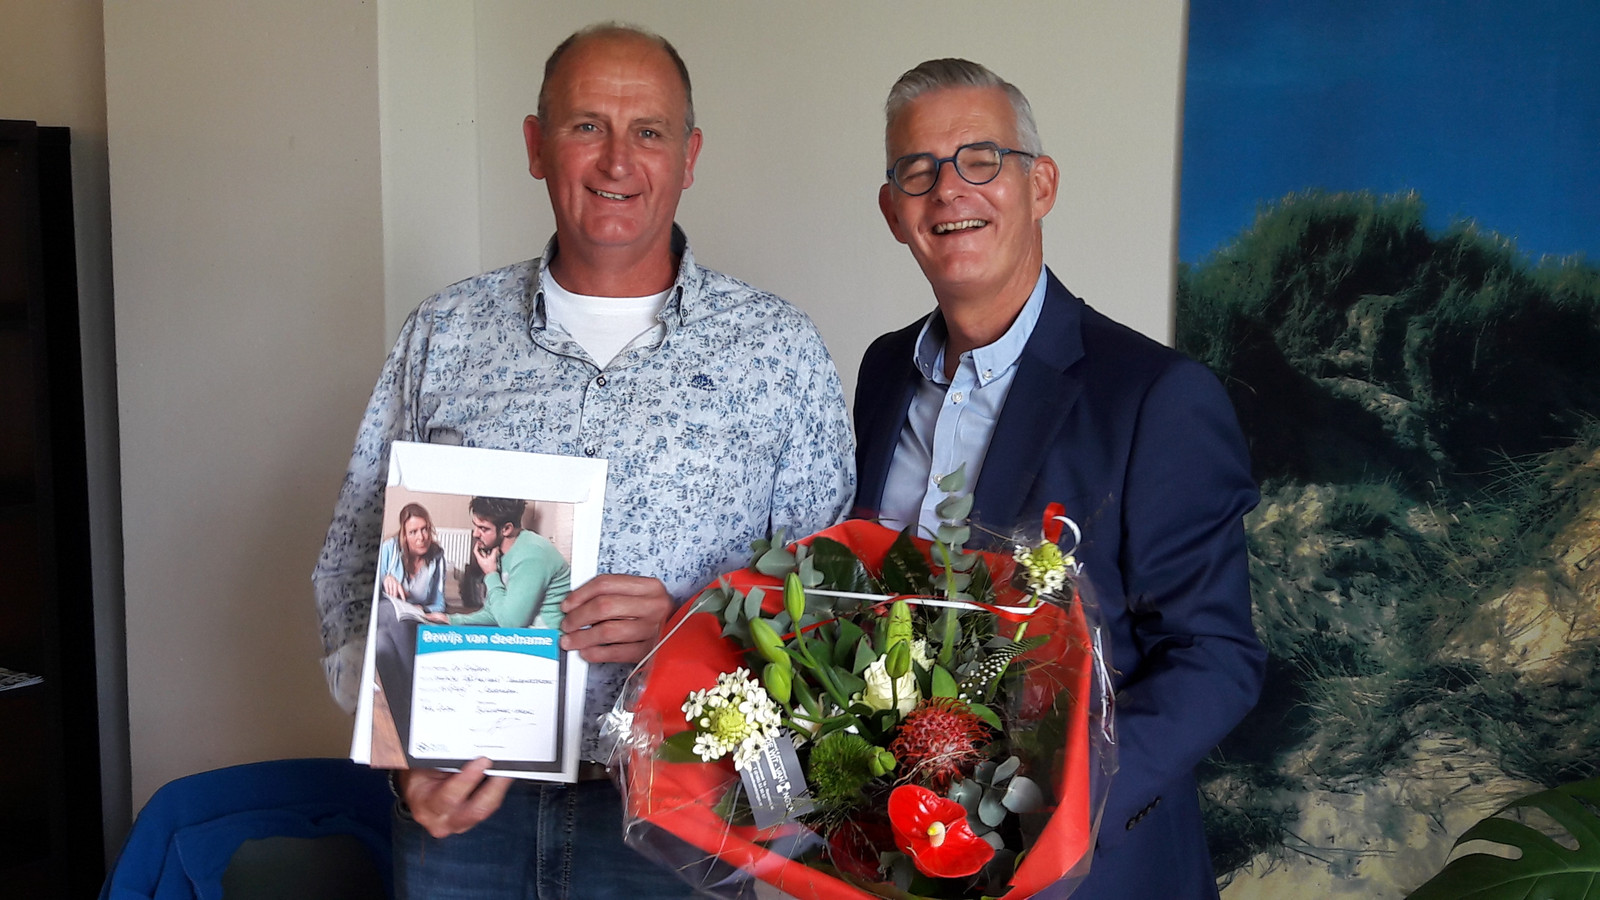 Cor Kuijpers uit de gemeente Moerdijk is een nieuwe Taalambassadeur. Rechts wethouder René van Ginderen.